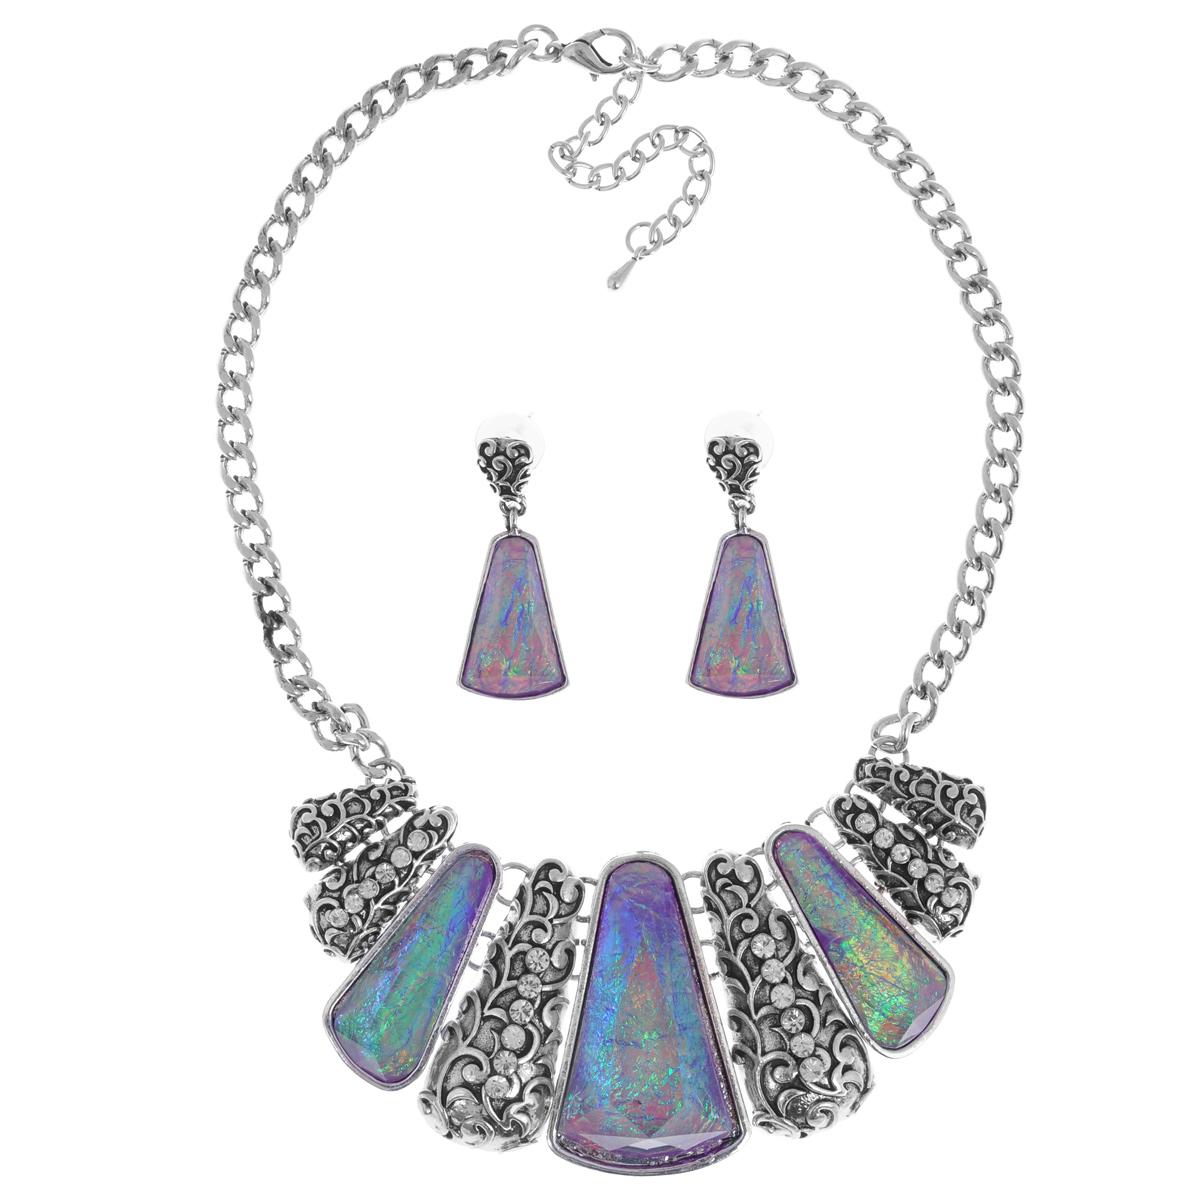 Комплект украшений Taya: колье, серьги, цвет: мультиколор, пурпурный. T-B-9273